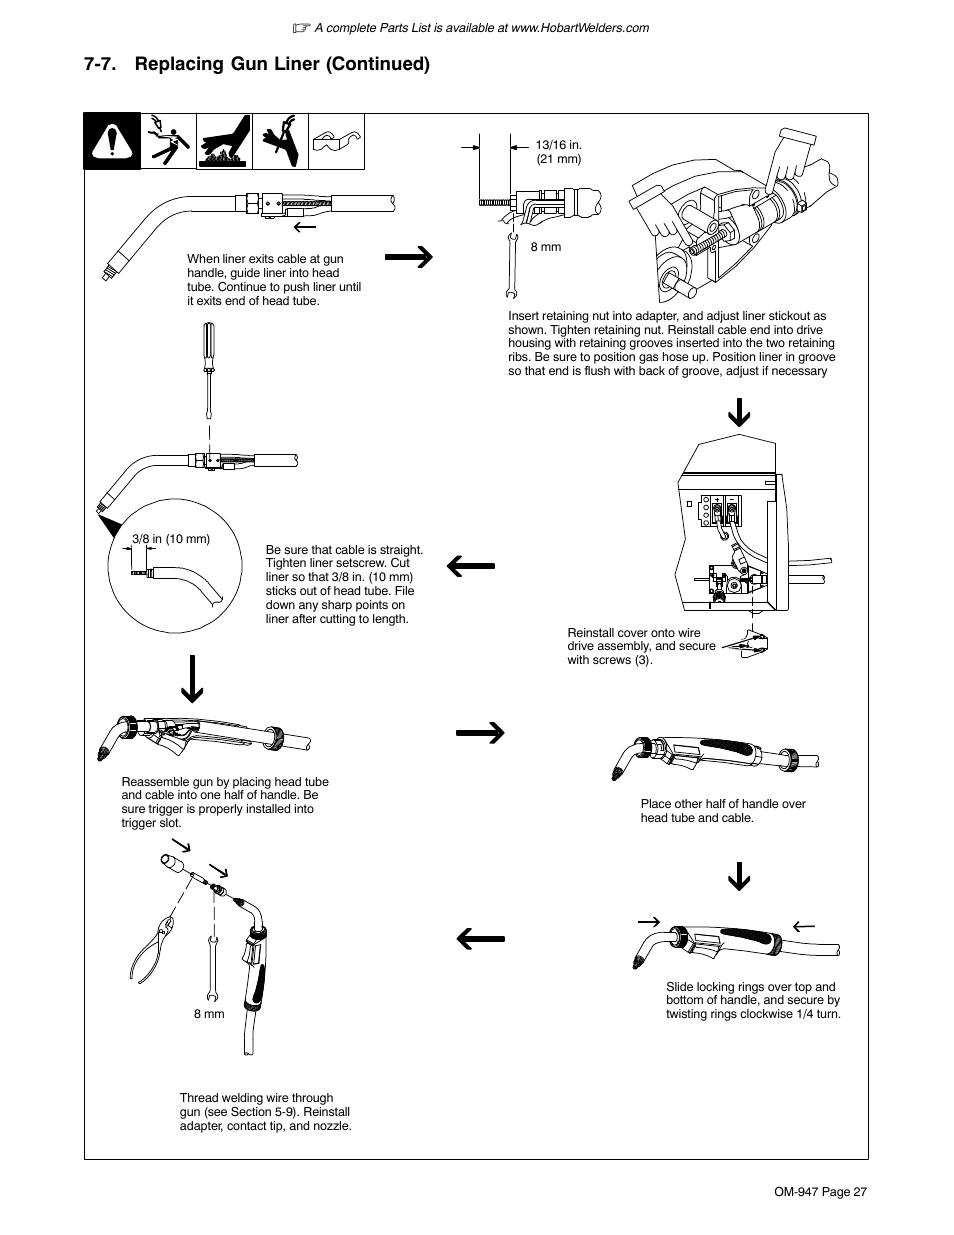 7 . replacing gun liner (continued)   Hobart Welding ...